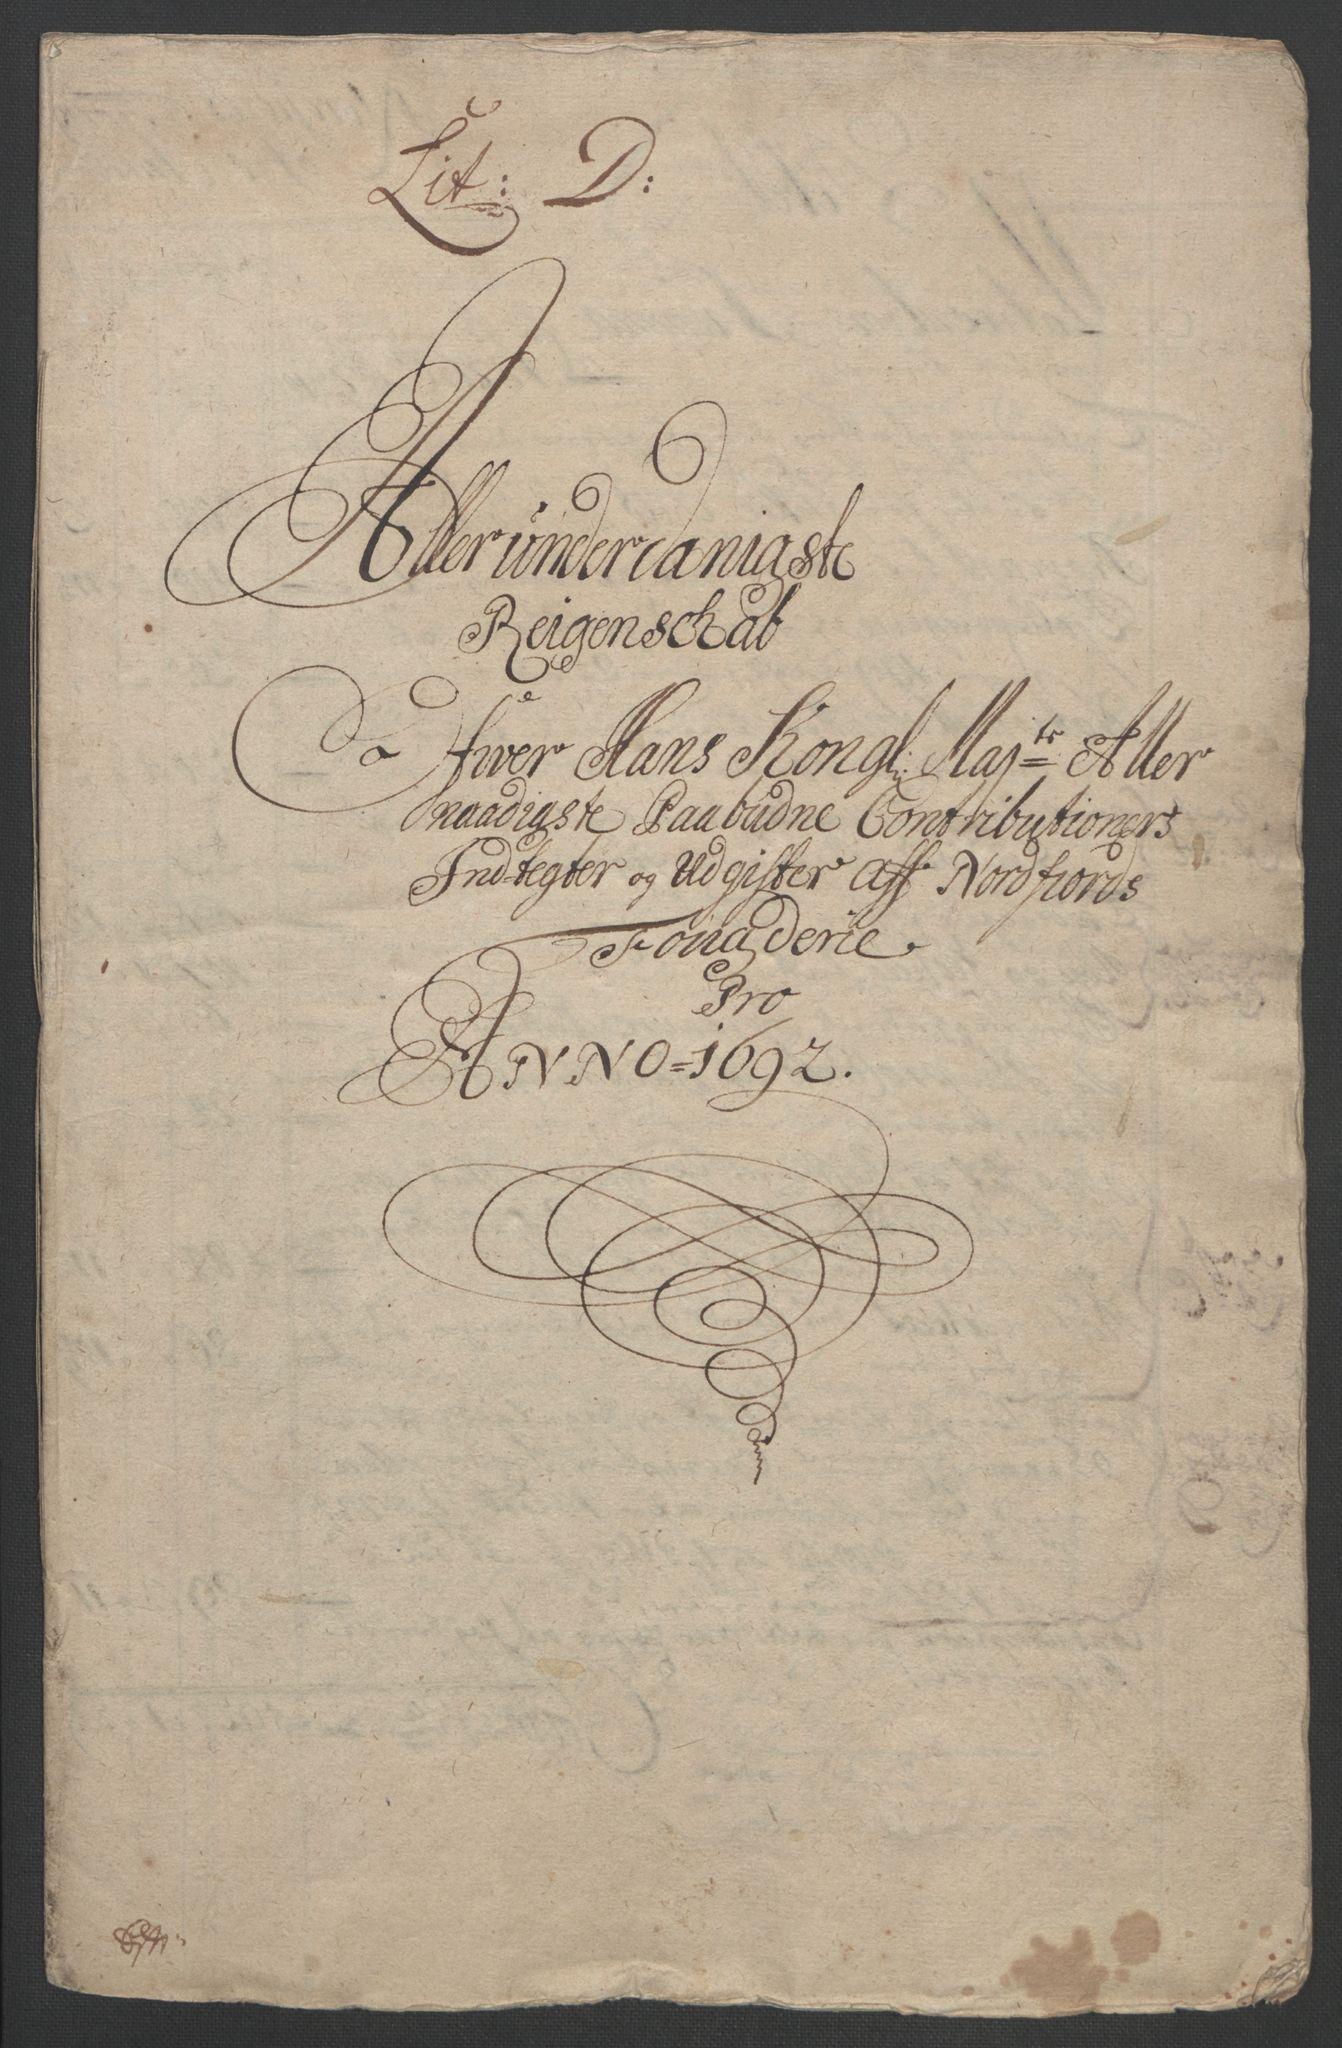 RA, Rentekammeret inntil 1814, Reviderte regnskaper, Fogderegnskap, R53/L3420: Fogderegnskap Sunn- og Nordfjord, 1691-1692, s. 285